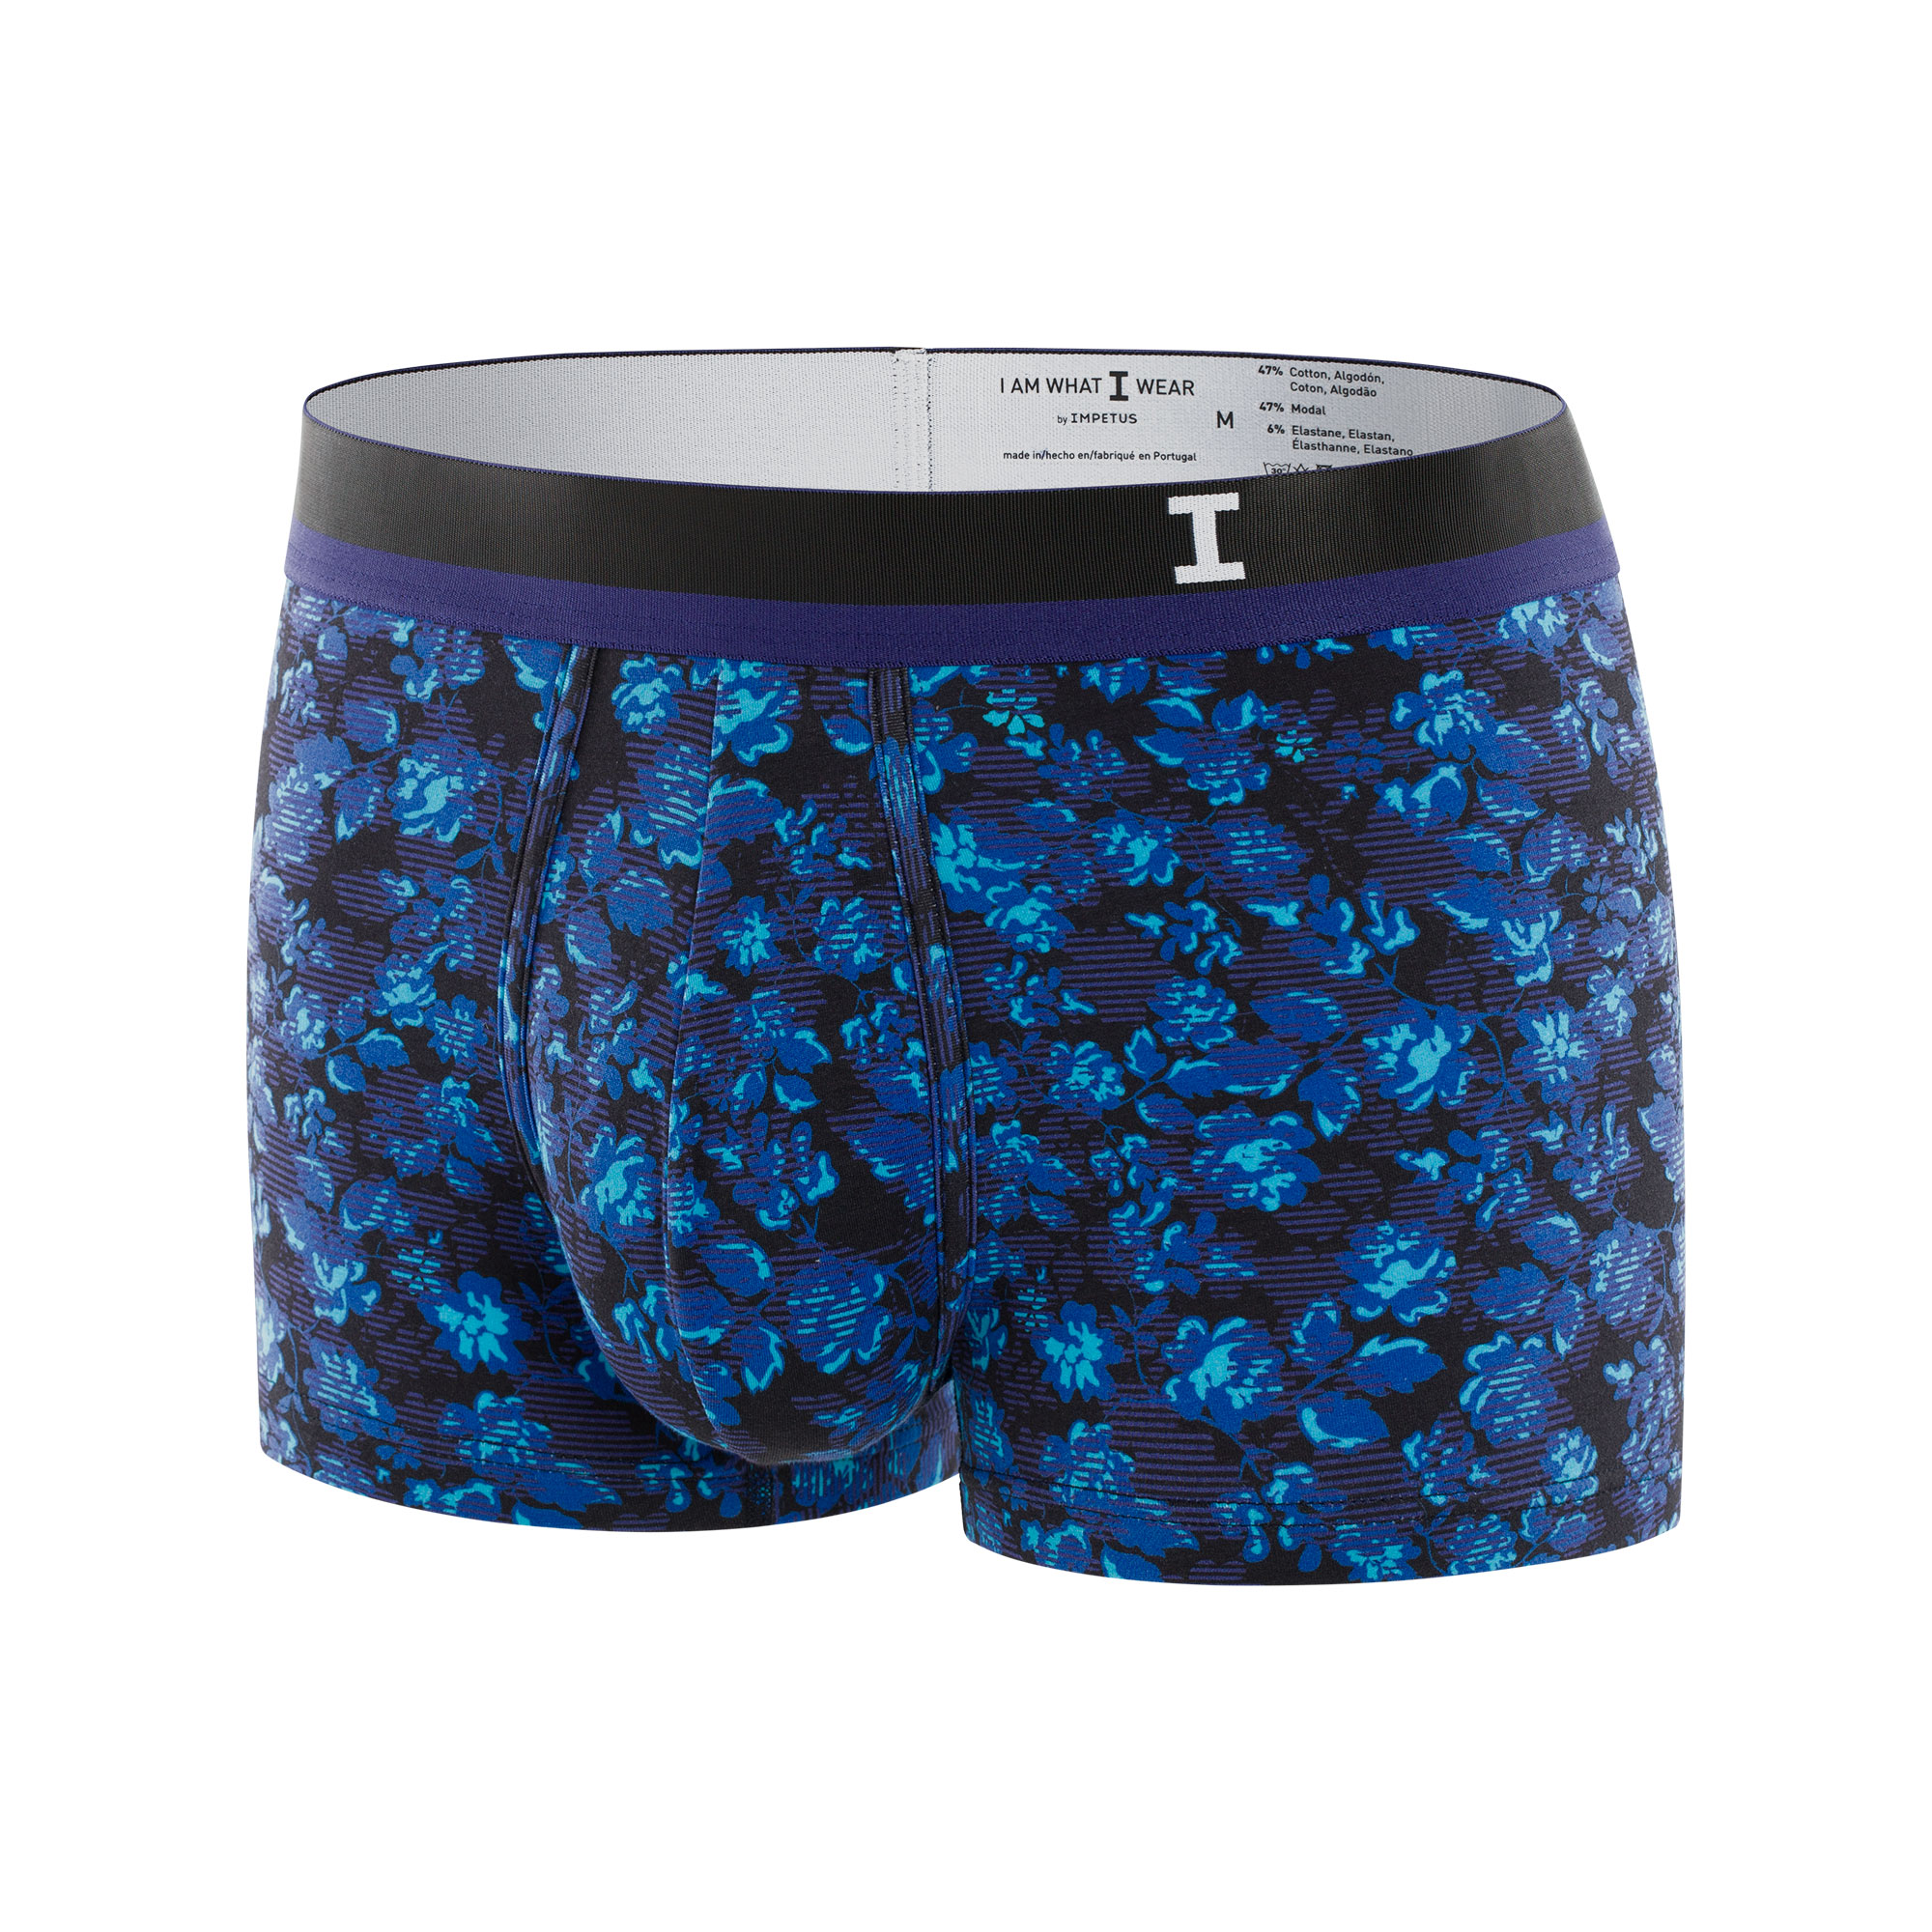 Boxer I Am What I Wear Smart en coton et modal stretch à motifs fleuris violets, bleu ciel et noirs